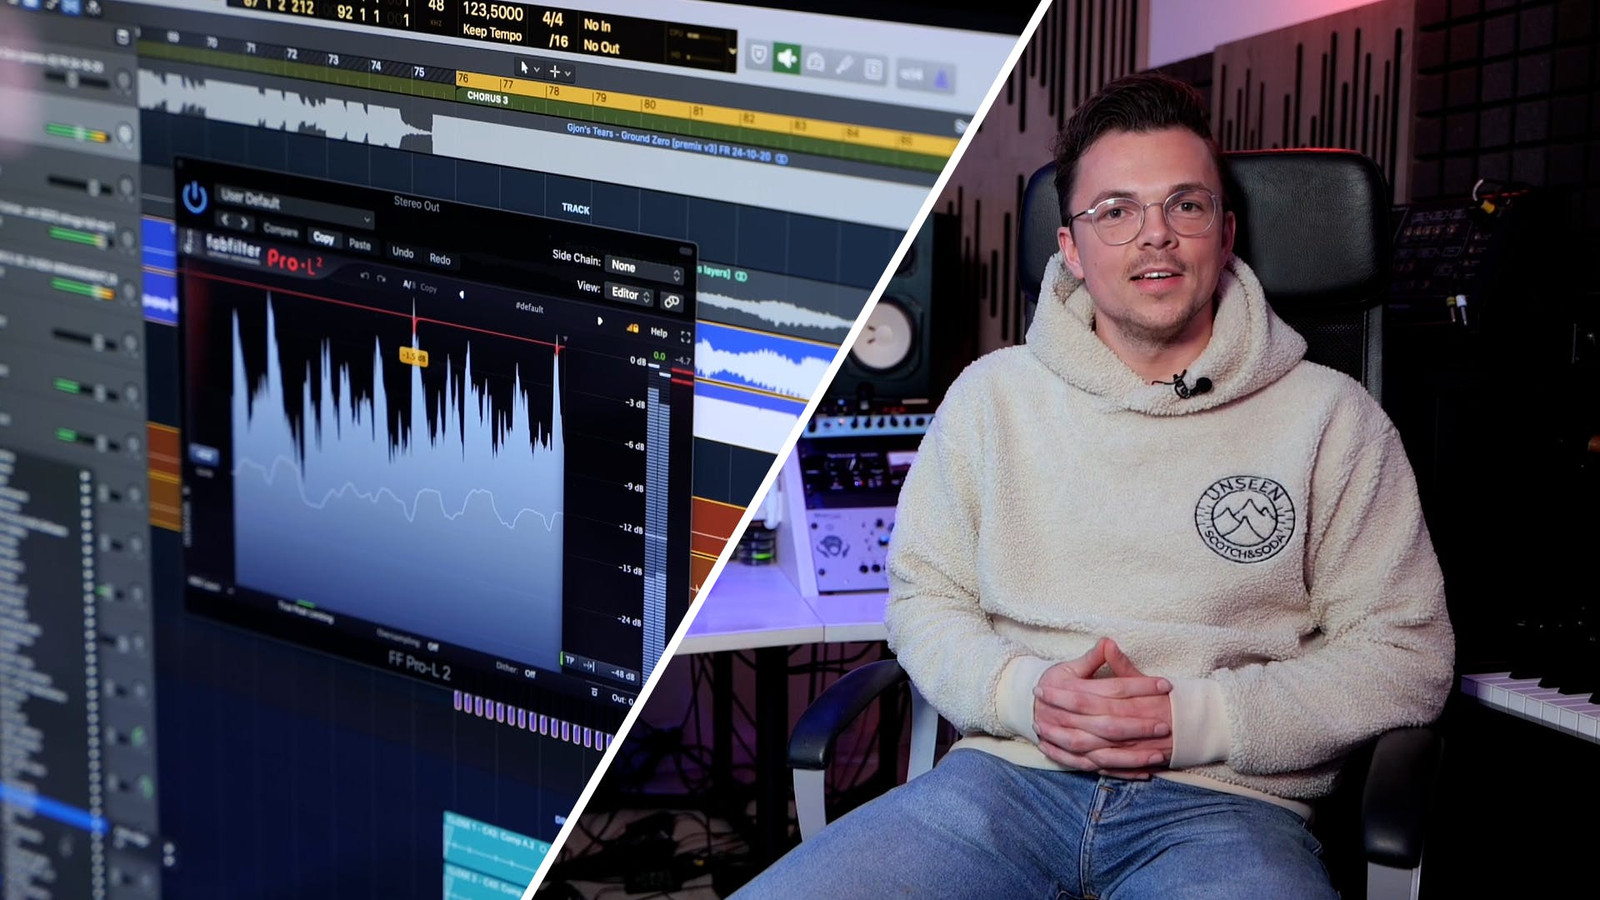 De producer van Duncan Laurence schrijft nu voor Songfestival-inzending Zwitserland. Na zijn succes met Arcade gaat hij de uitdaging nog een keer aan.